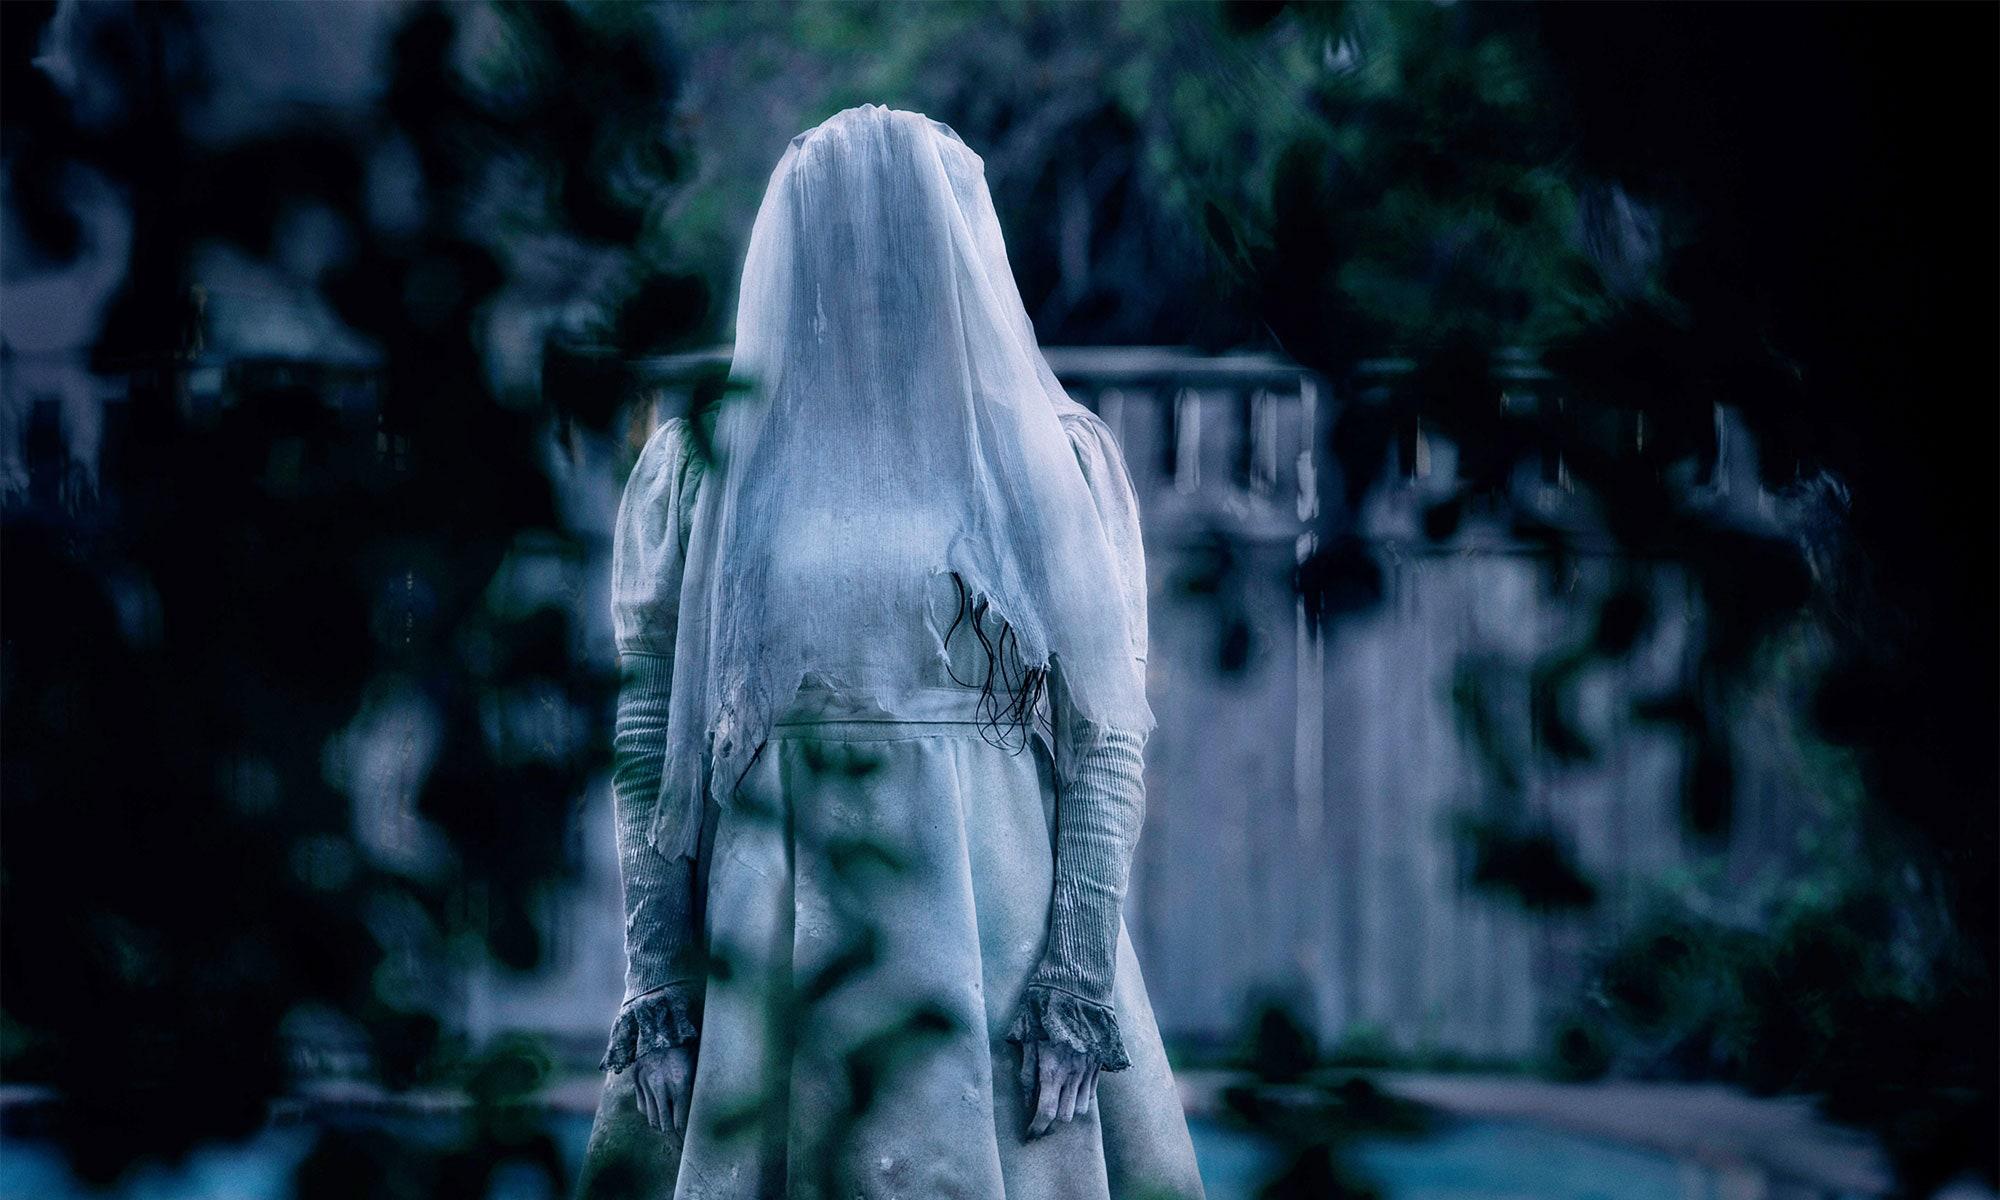 Từ búp bê Annabelle, quỷ Valak đến sát nhân tâm thần, đâu mới là phần phim hay nhất trong vũ trụ The Conjuring? - Ảnh 8.